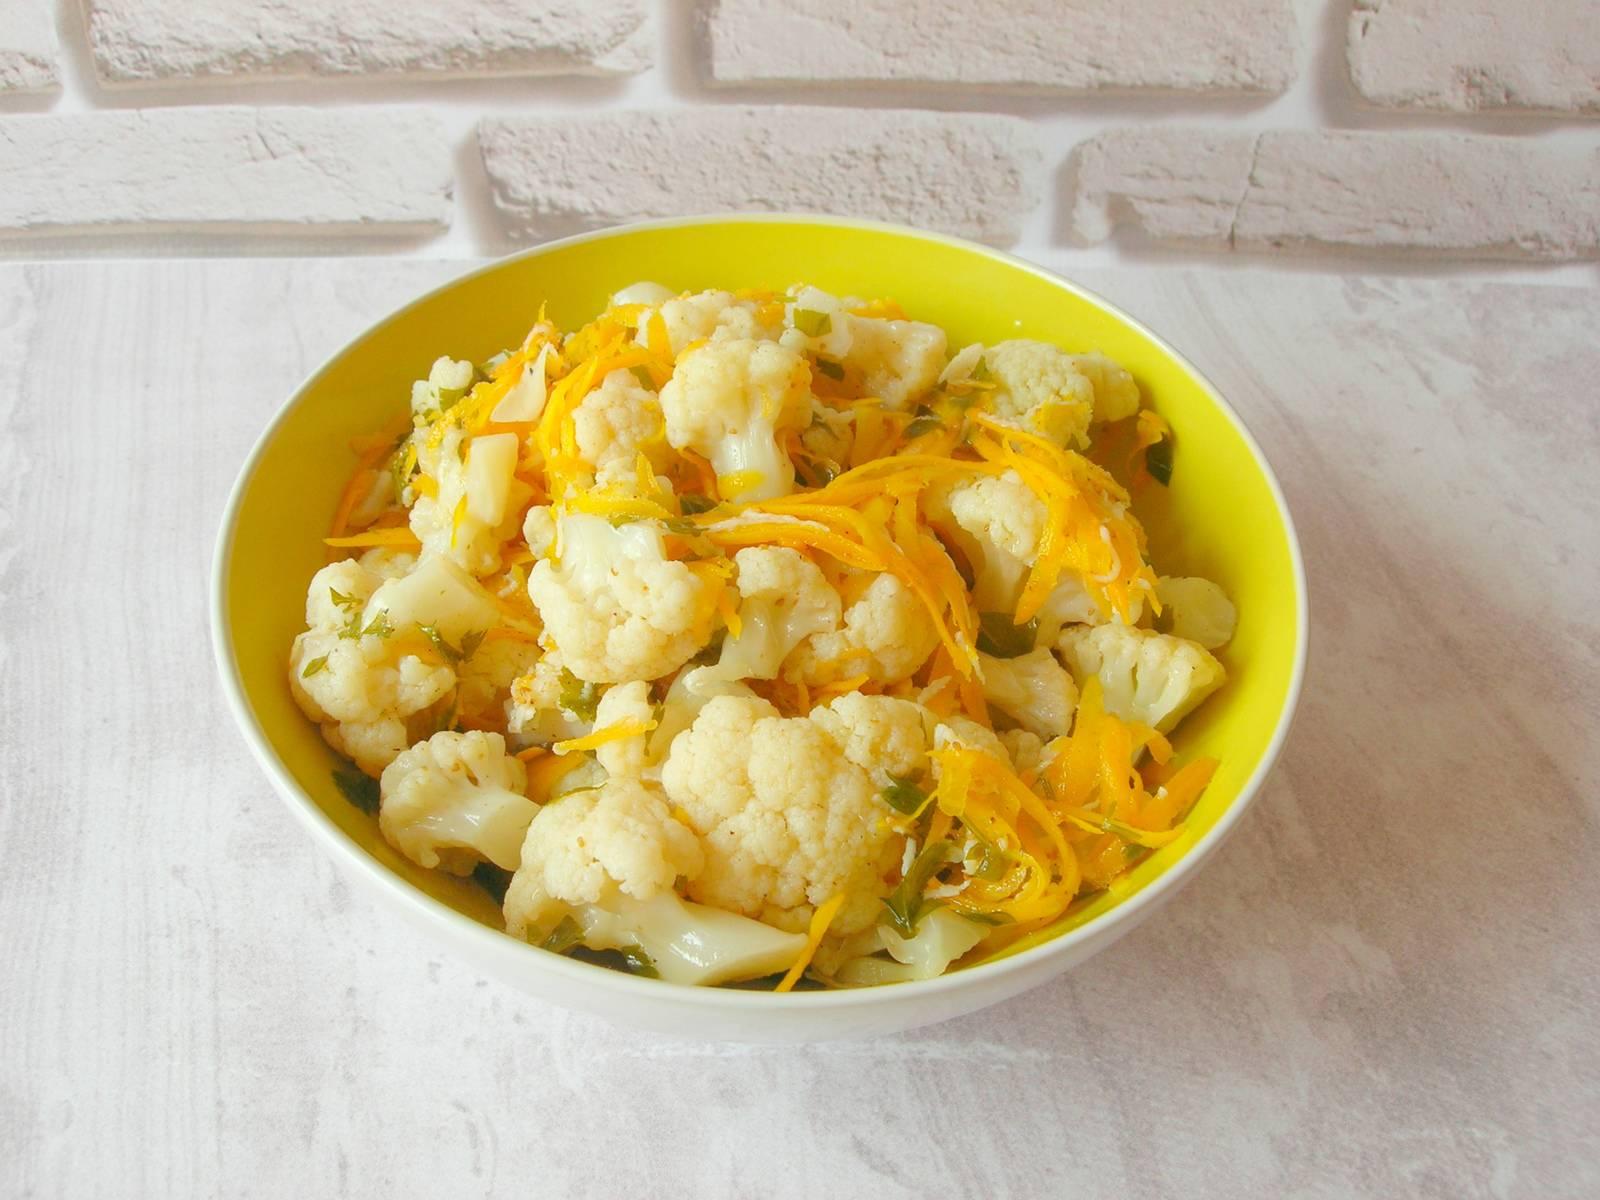 Цветная капуста по-корейски: фото и пошаговый рецепт быстрого приготовления в домашних условиях — как сделать настоящий салат с морковью и консервы на зиму русский фермер